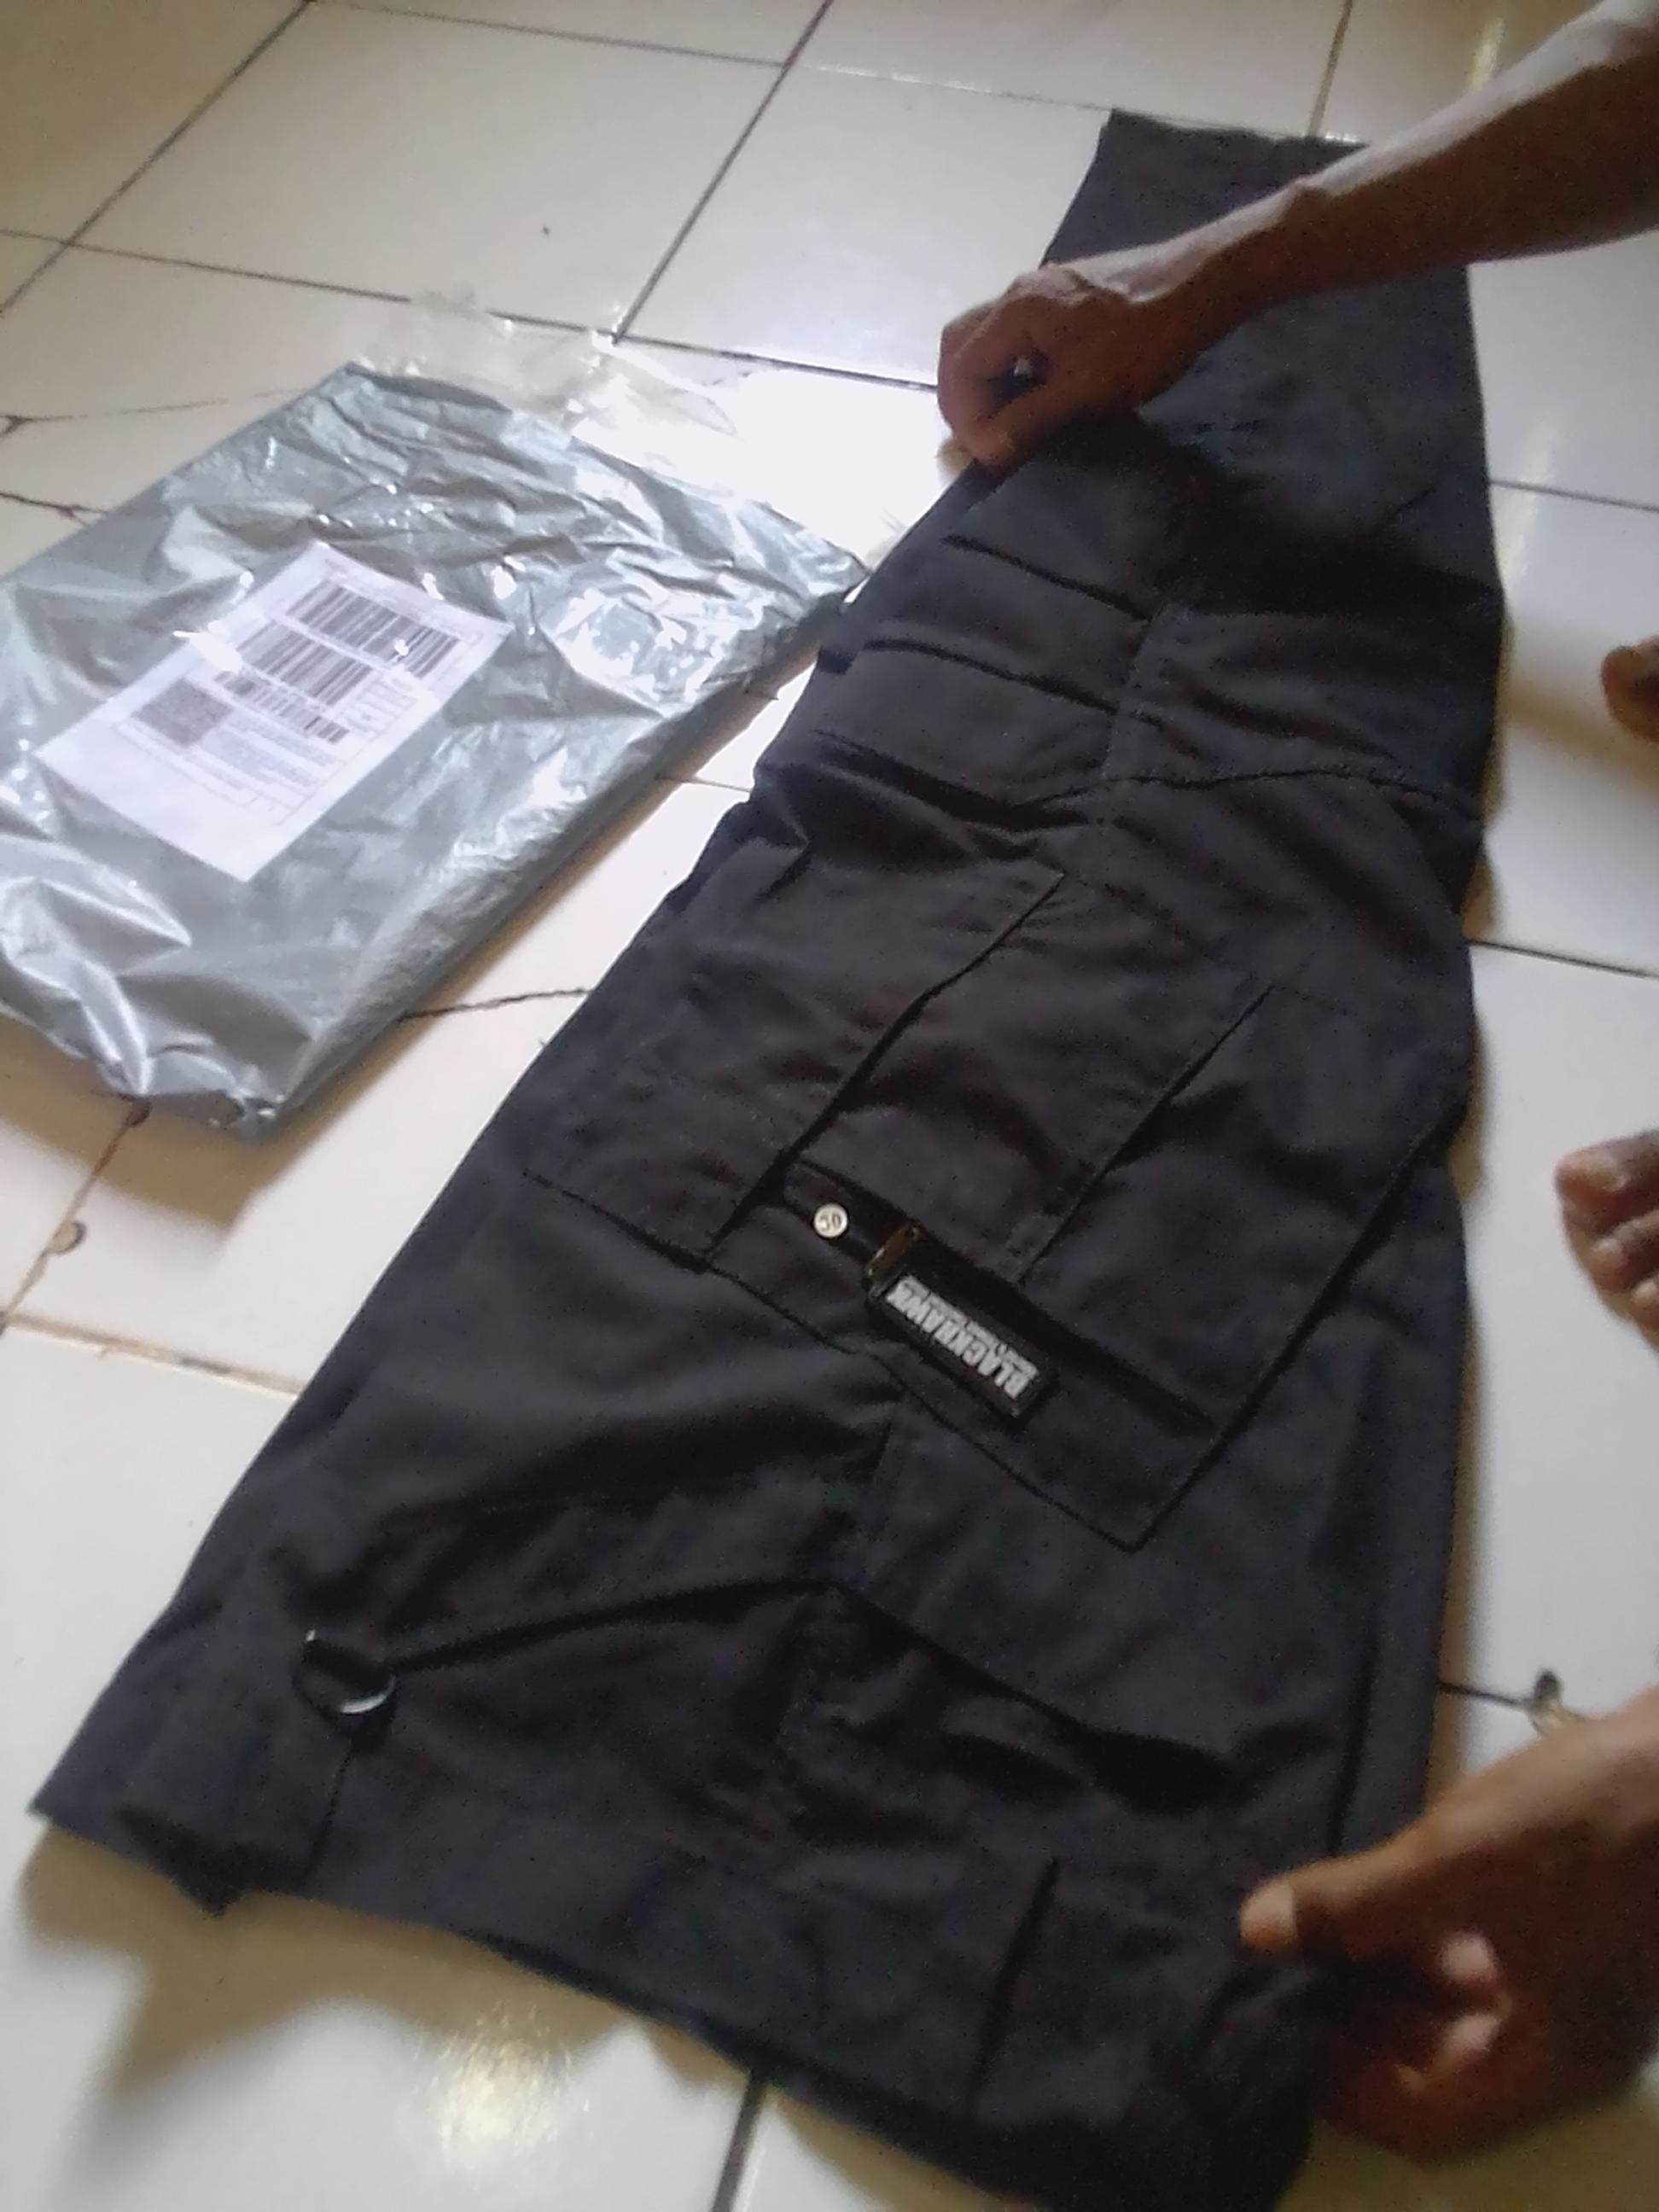 Djavu Jaket Kulit Sk24 - Hitam: Membeli jualan online Jaket Kulit Pria dengan harga murah | Lazada Indonesia